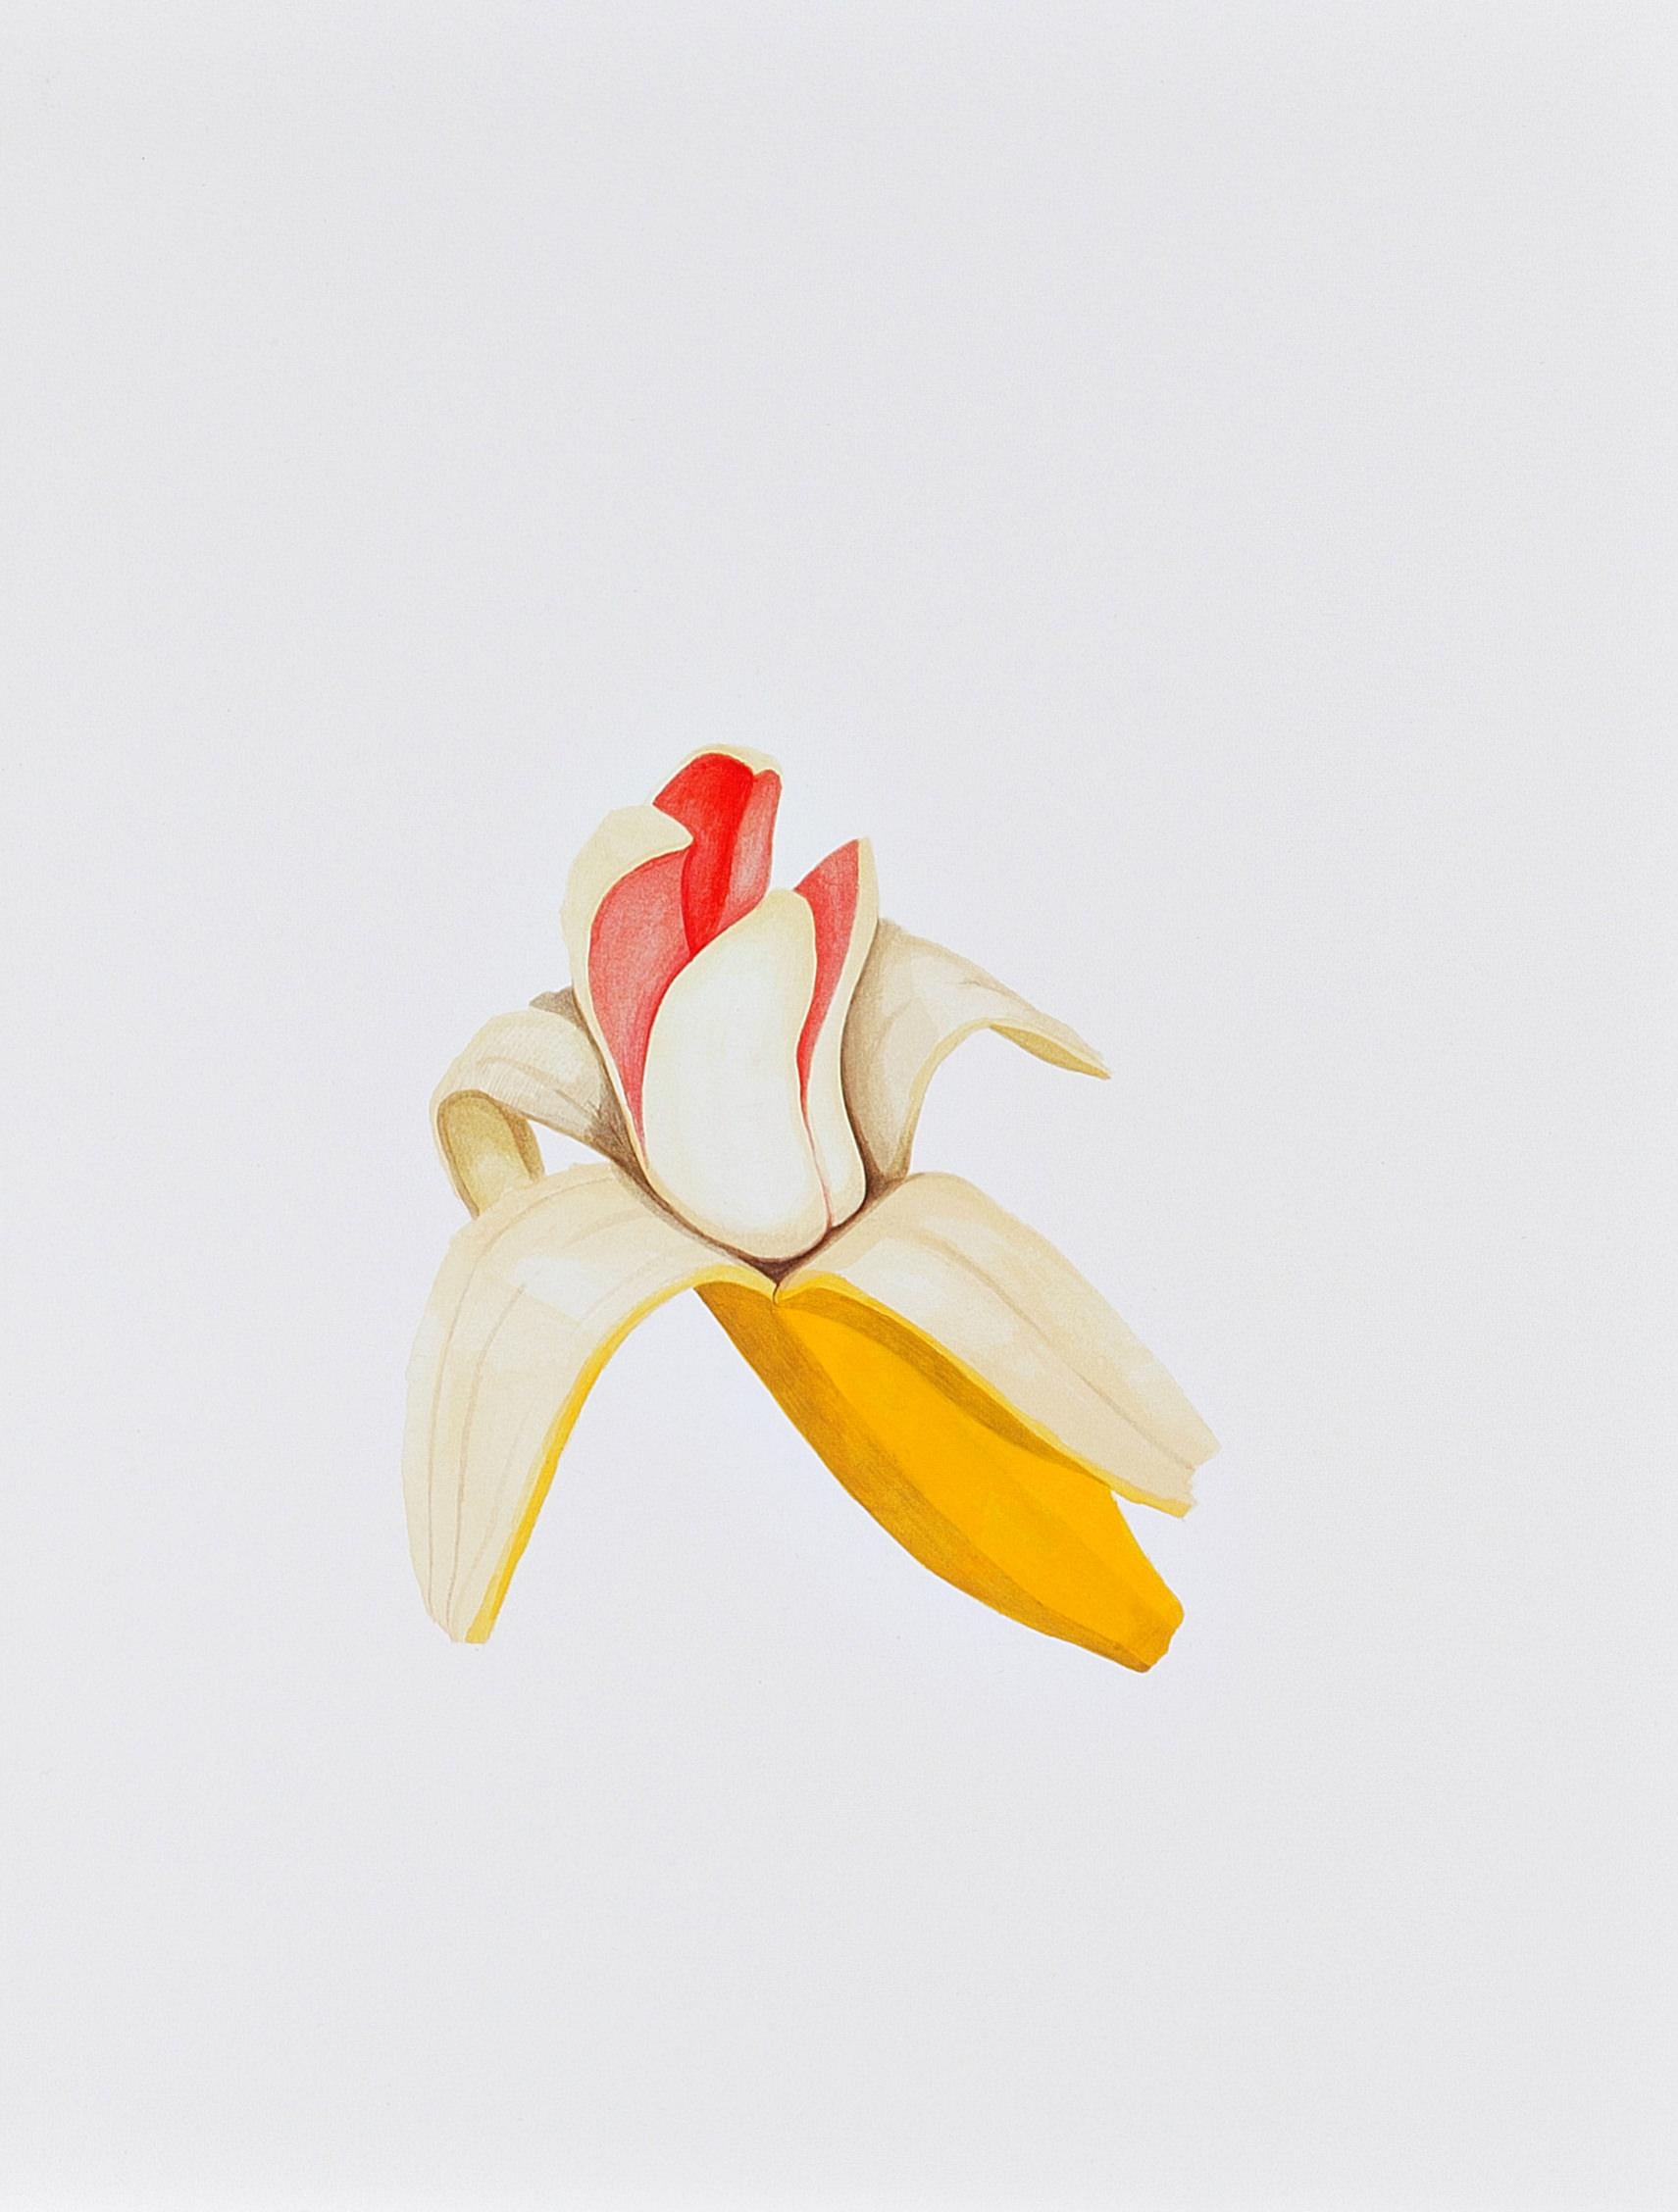 빨간 바나나 41cmx32cm acrylic on paper 2017